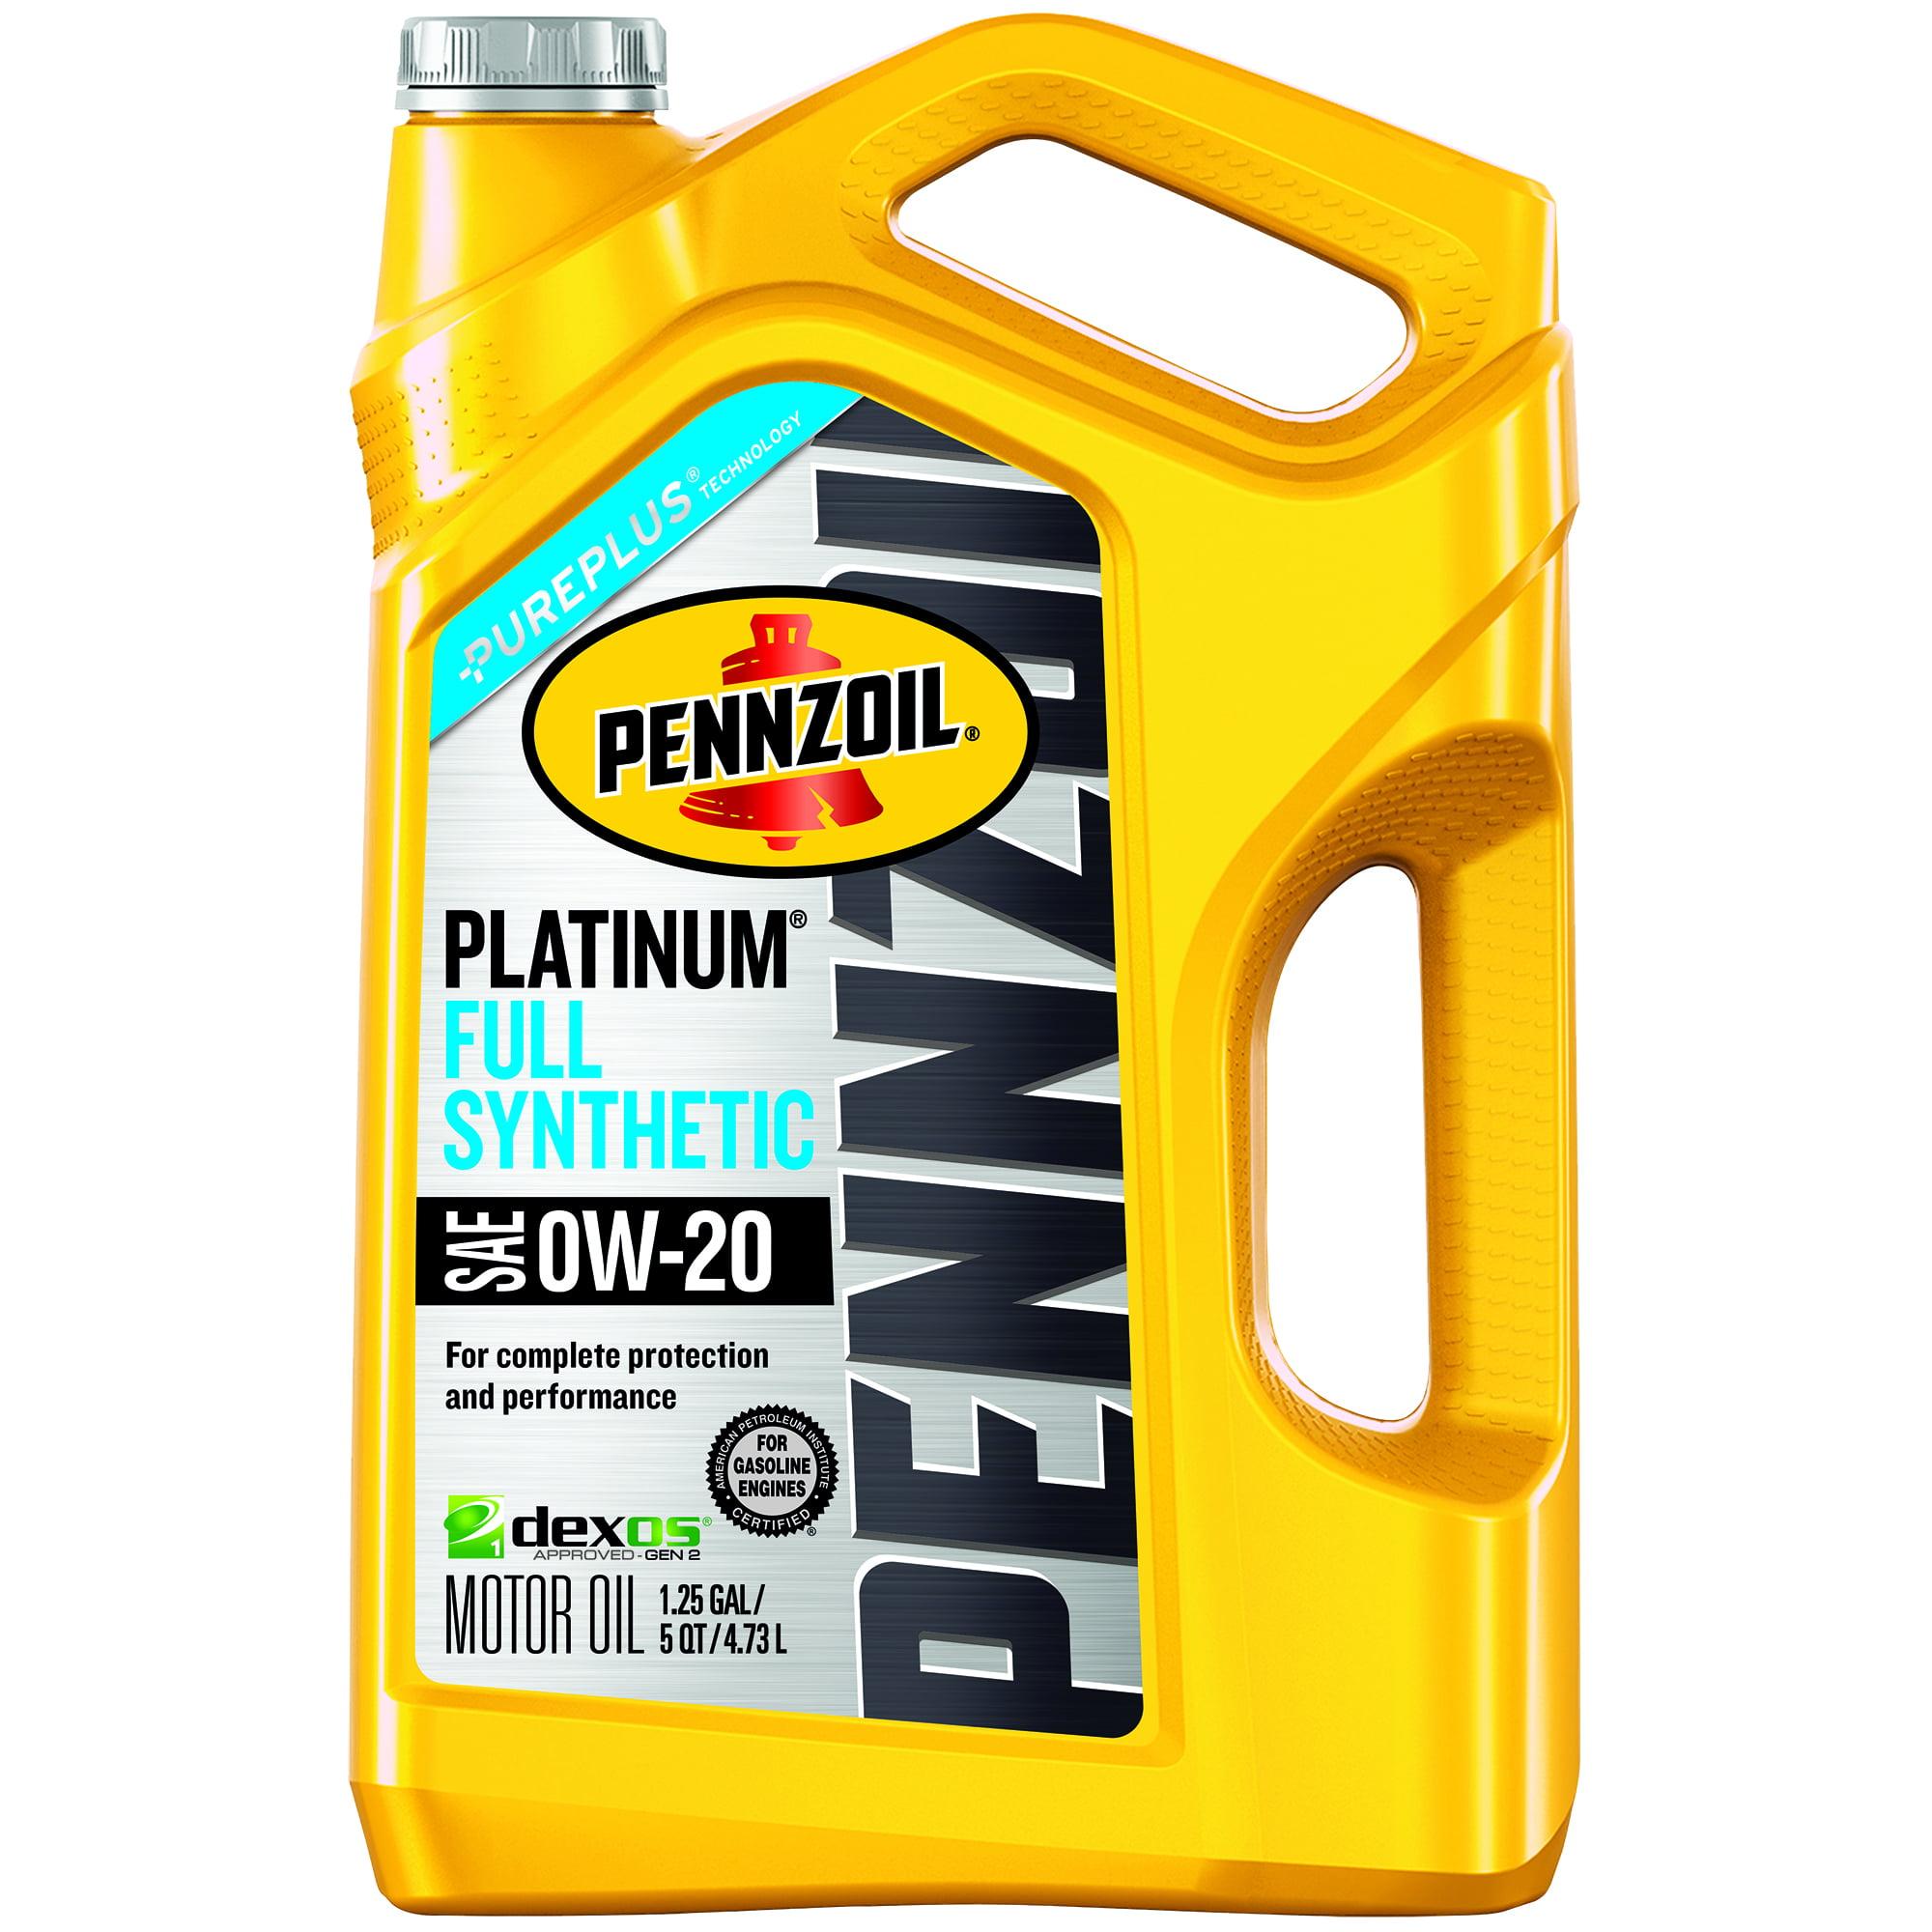 Pennzoil Platinum SAE 0W-20 Dexos Full Synthetic Motor Oil, 5 qt